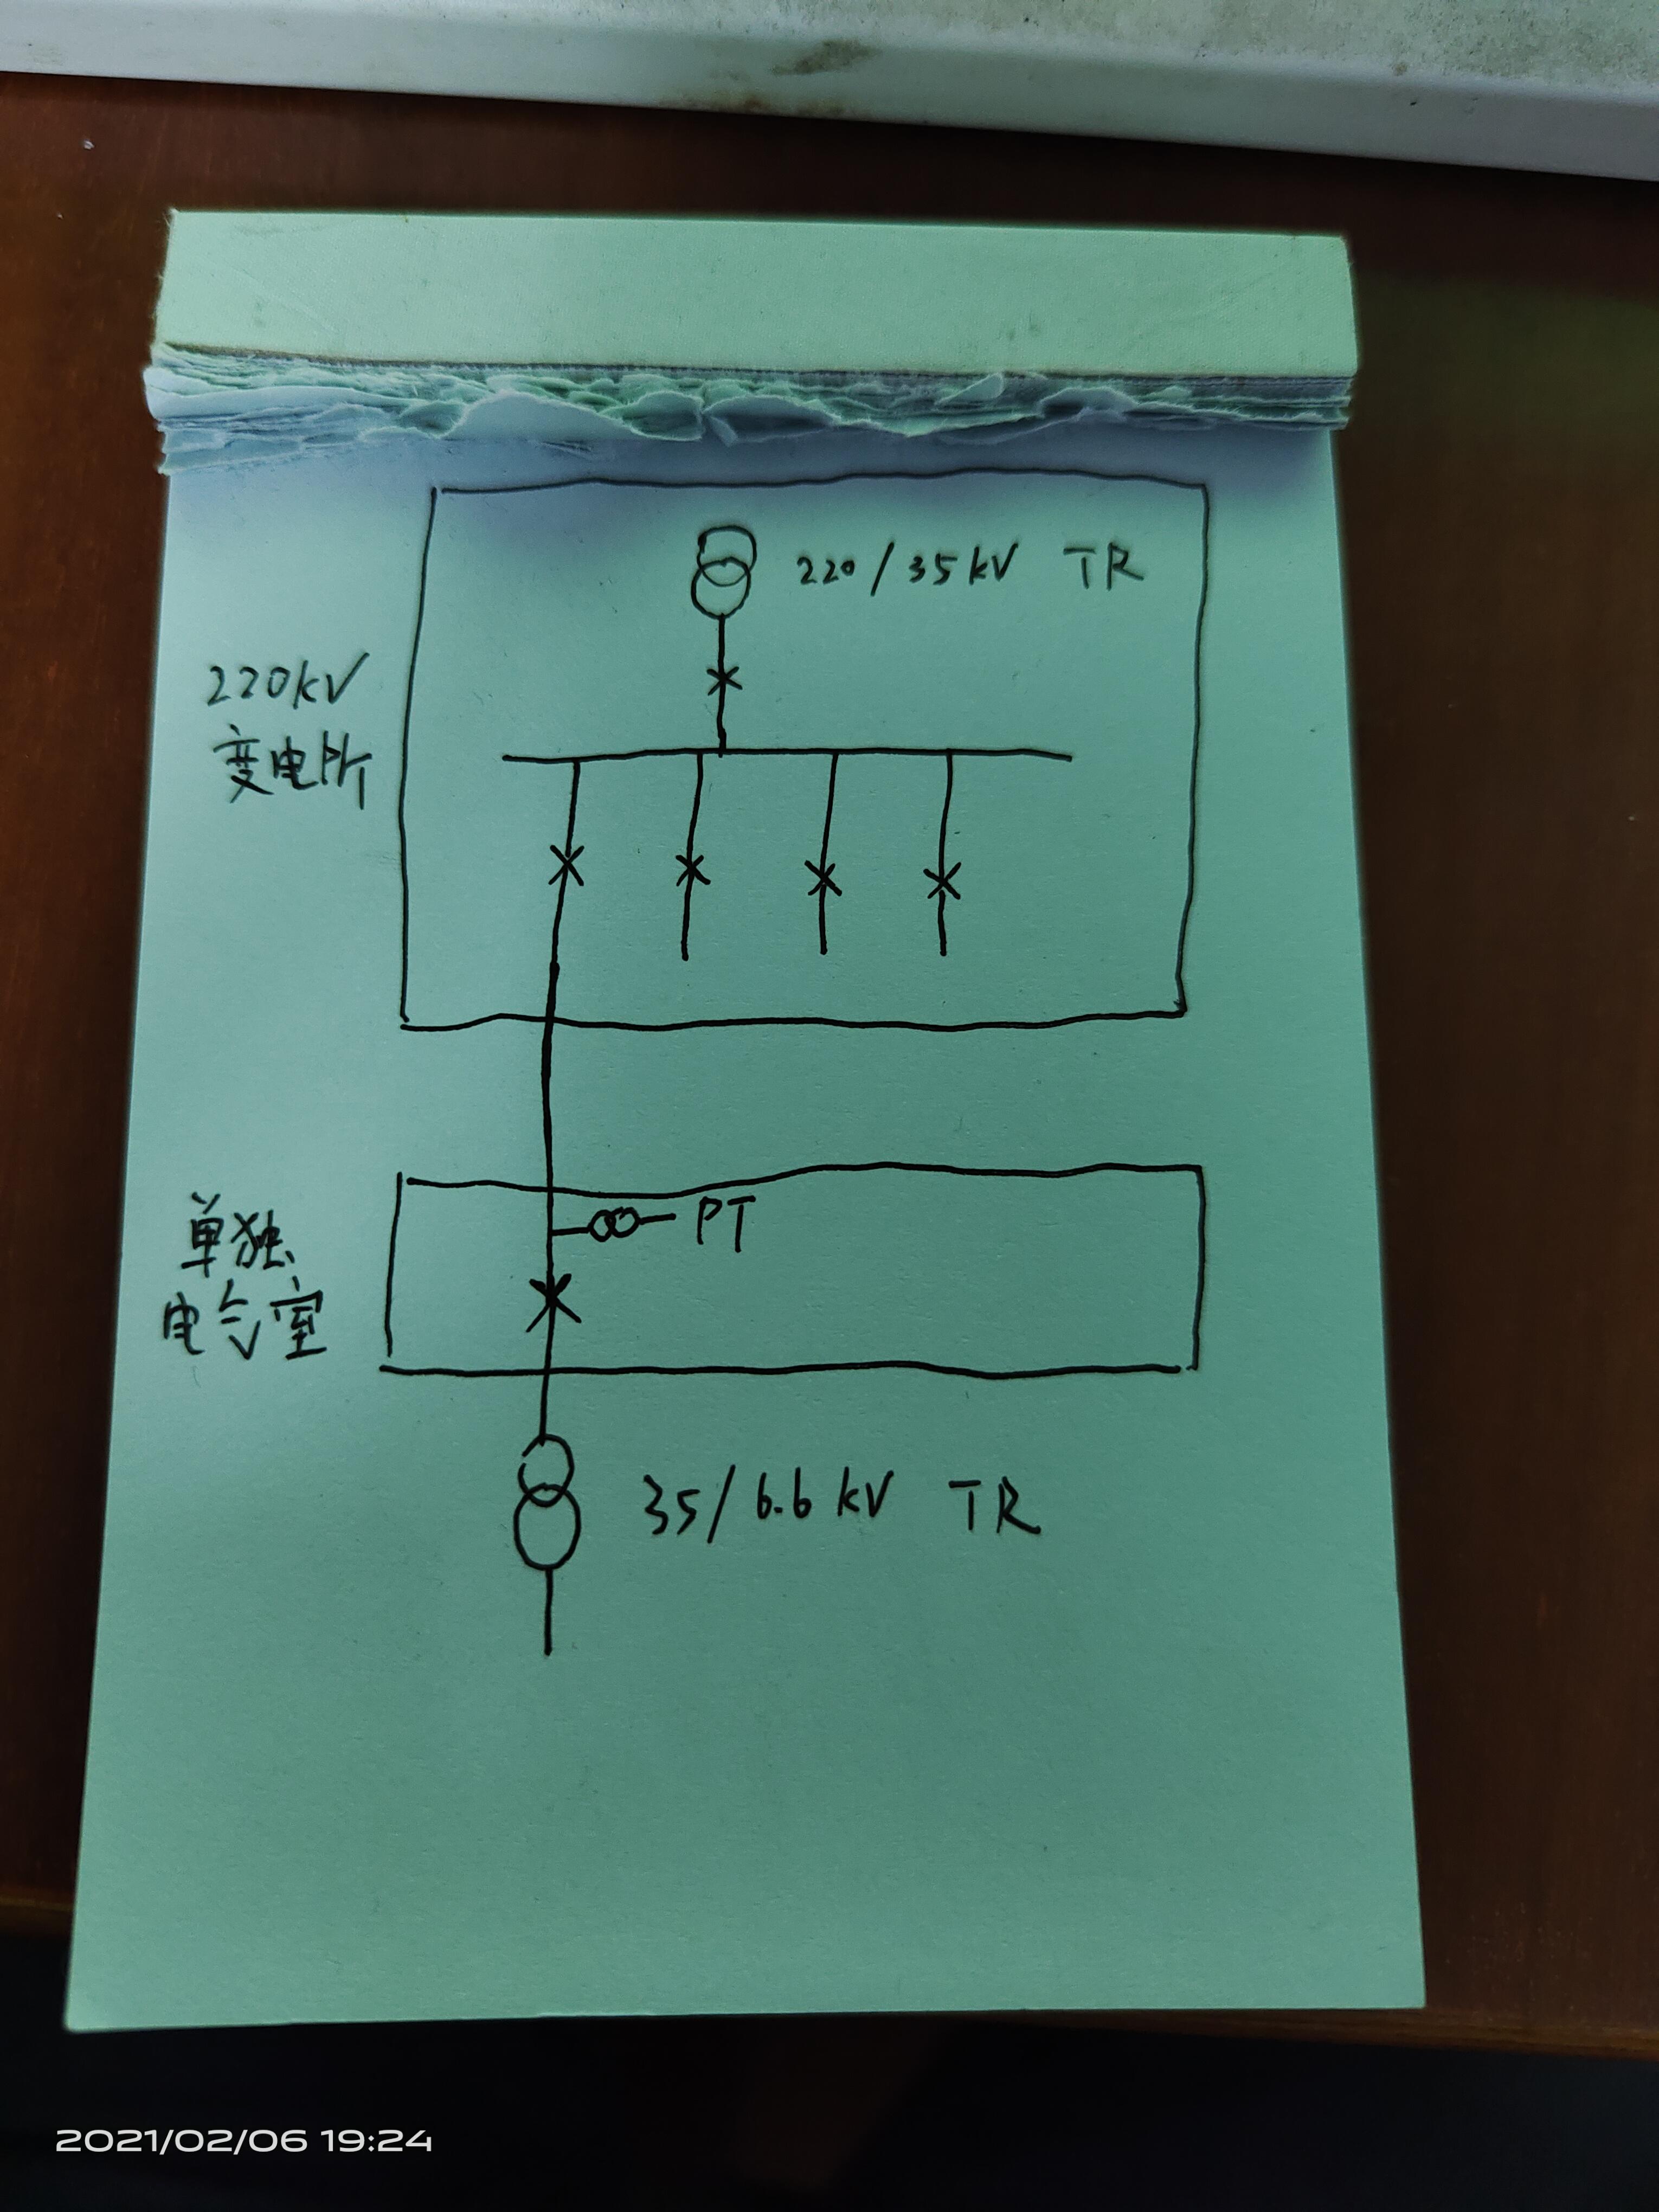 【求助】220/35kV变压器到35/6.6kV变压器之间需要设置几级开关有设计规范吗?